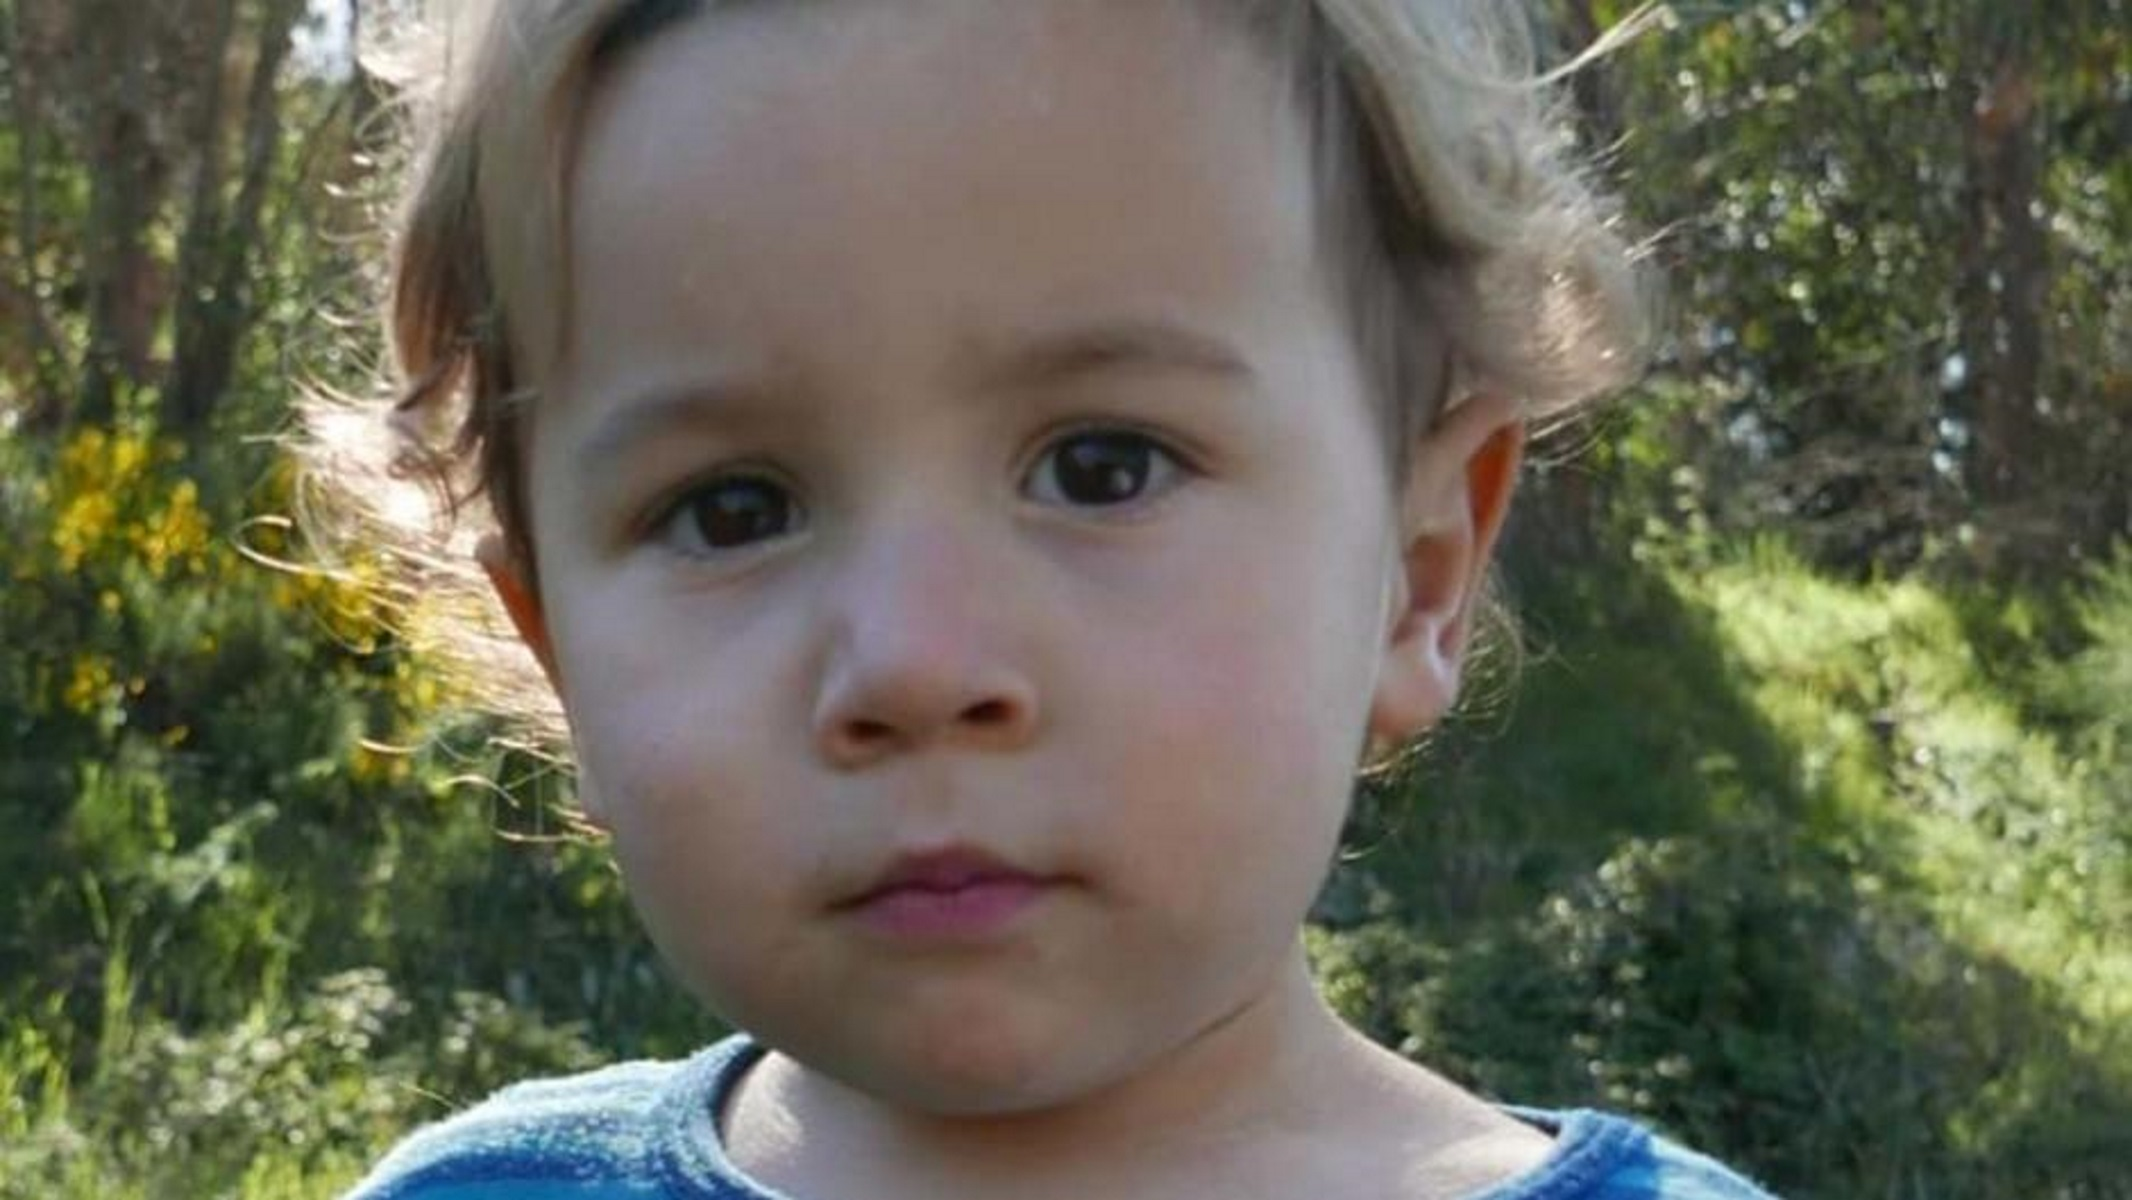 Βρέθηκε ο μικρός Νόα μετά από 35 ώρες – Περπάτησε περίπου 10 χιλιόμετρα (pic)